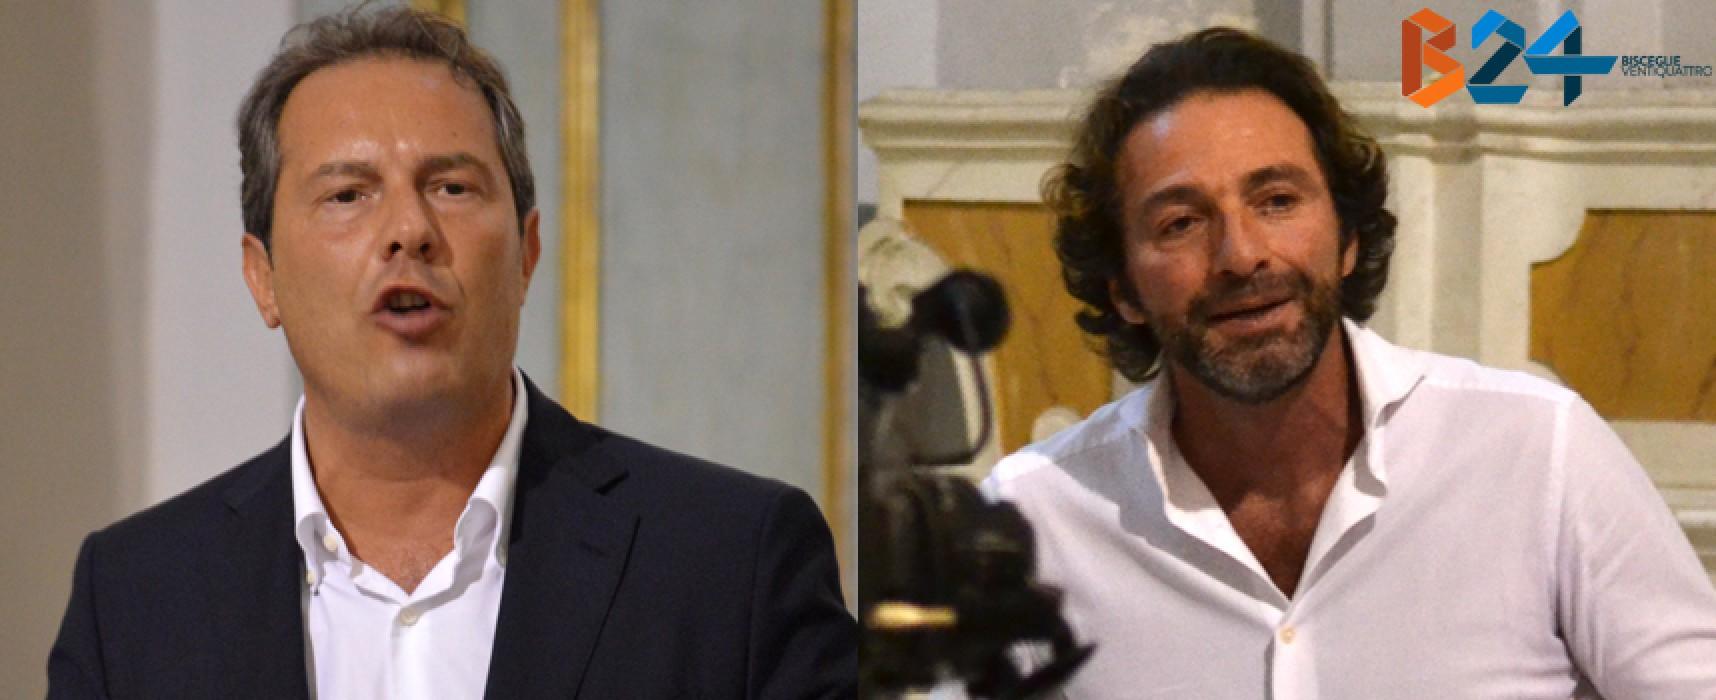 """Udc Bat: """"Gianni Casella rinviato a giudizio per diffamazione"""", la replica: """"Nessuno mi tapperà la bocca politicamente"""""""